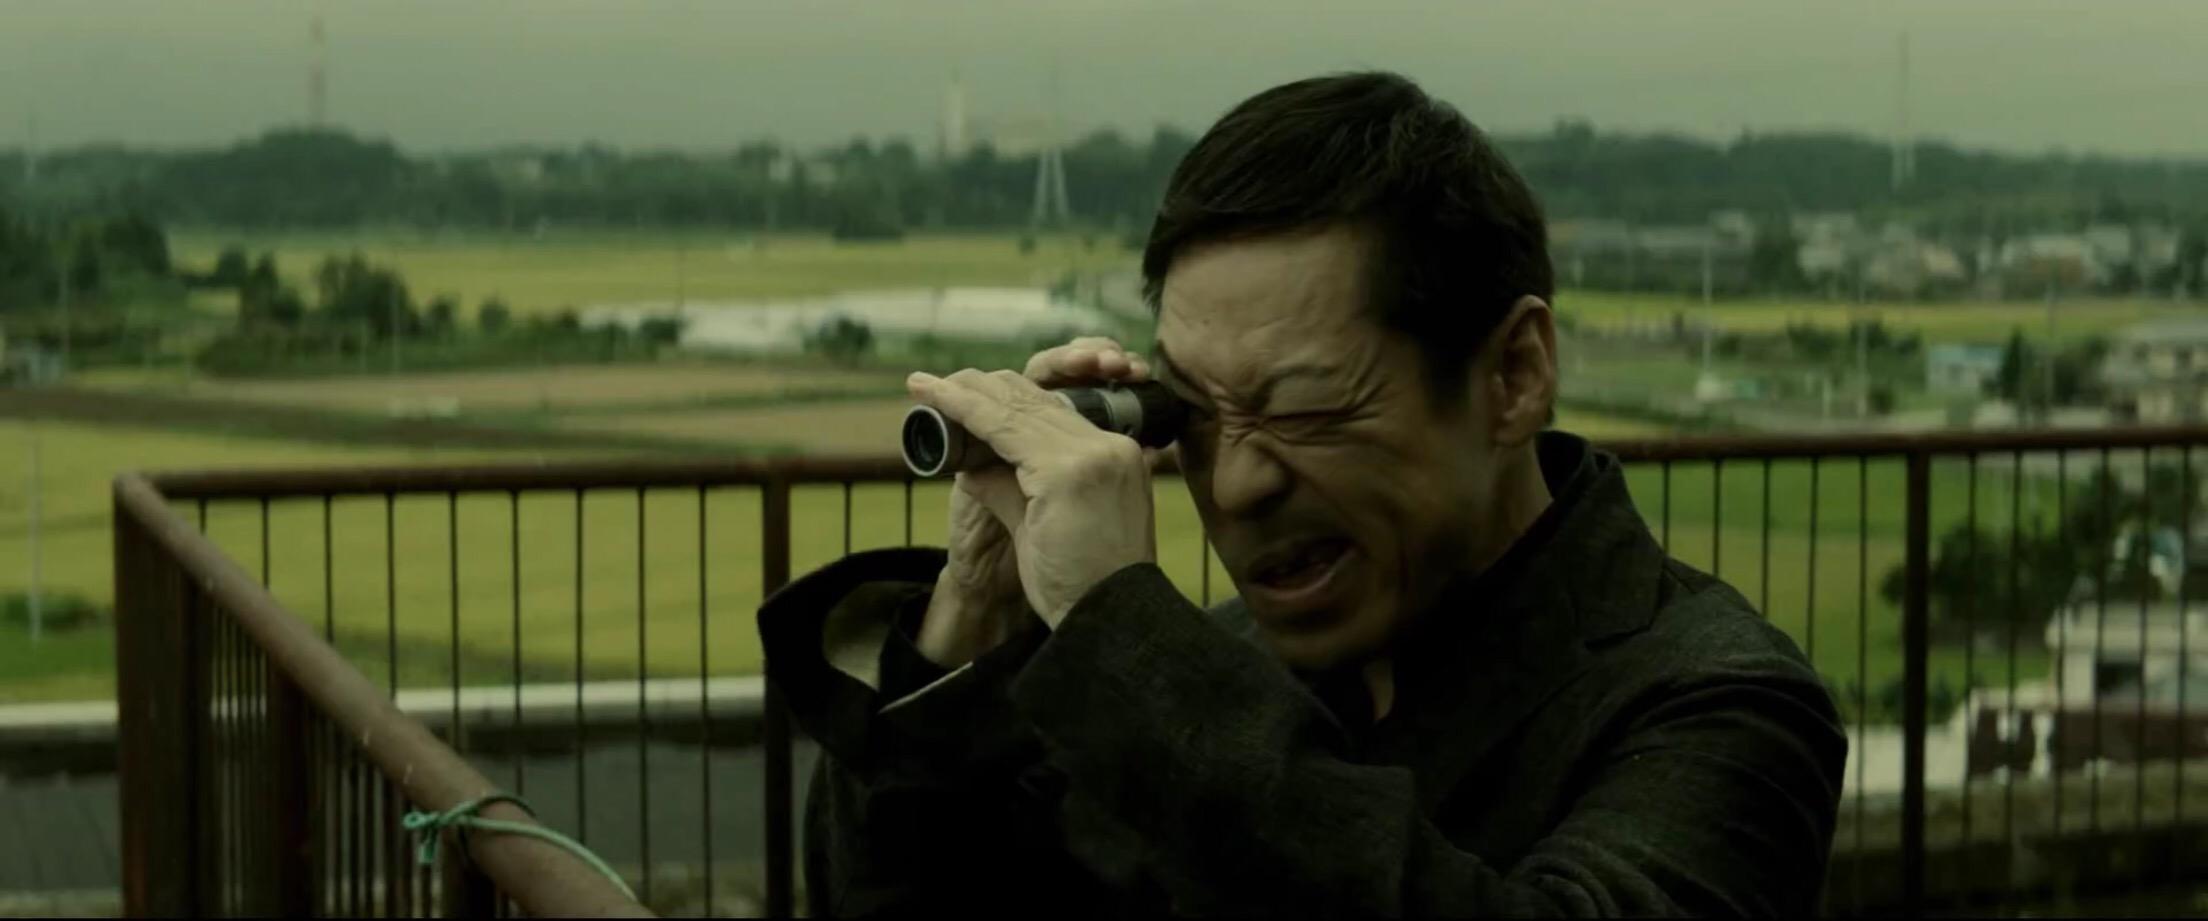 special-screening-creepy-kiyoshi-kurosawa